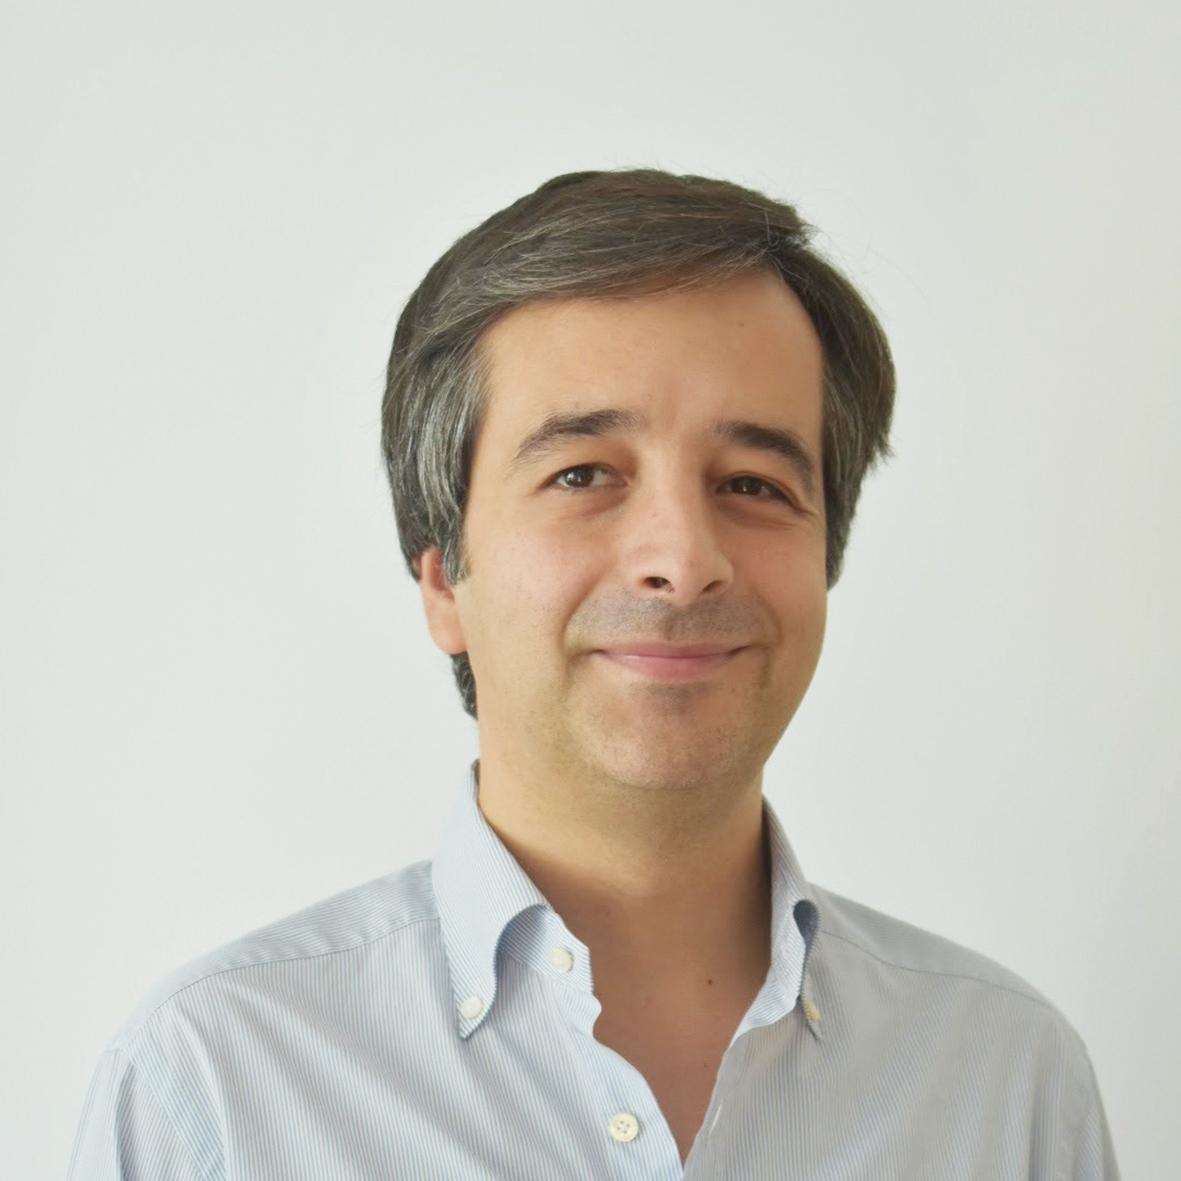 Miguel Azenha